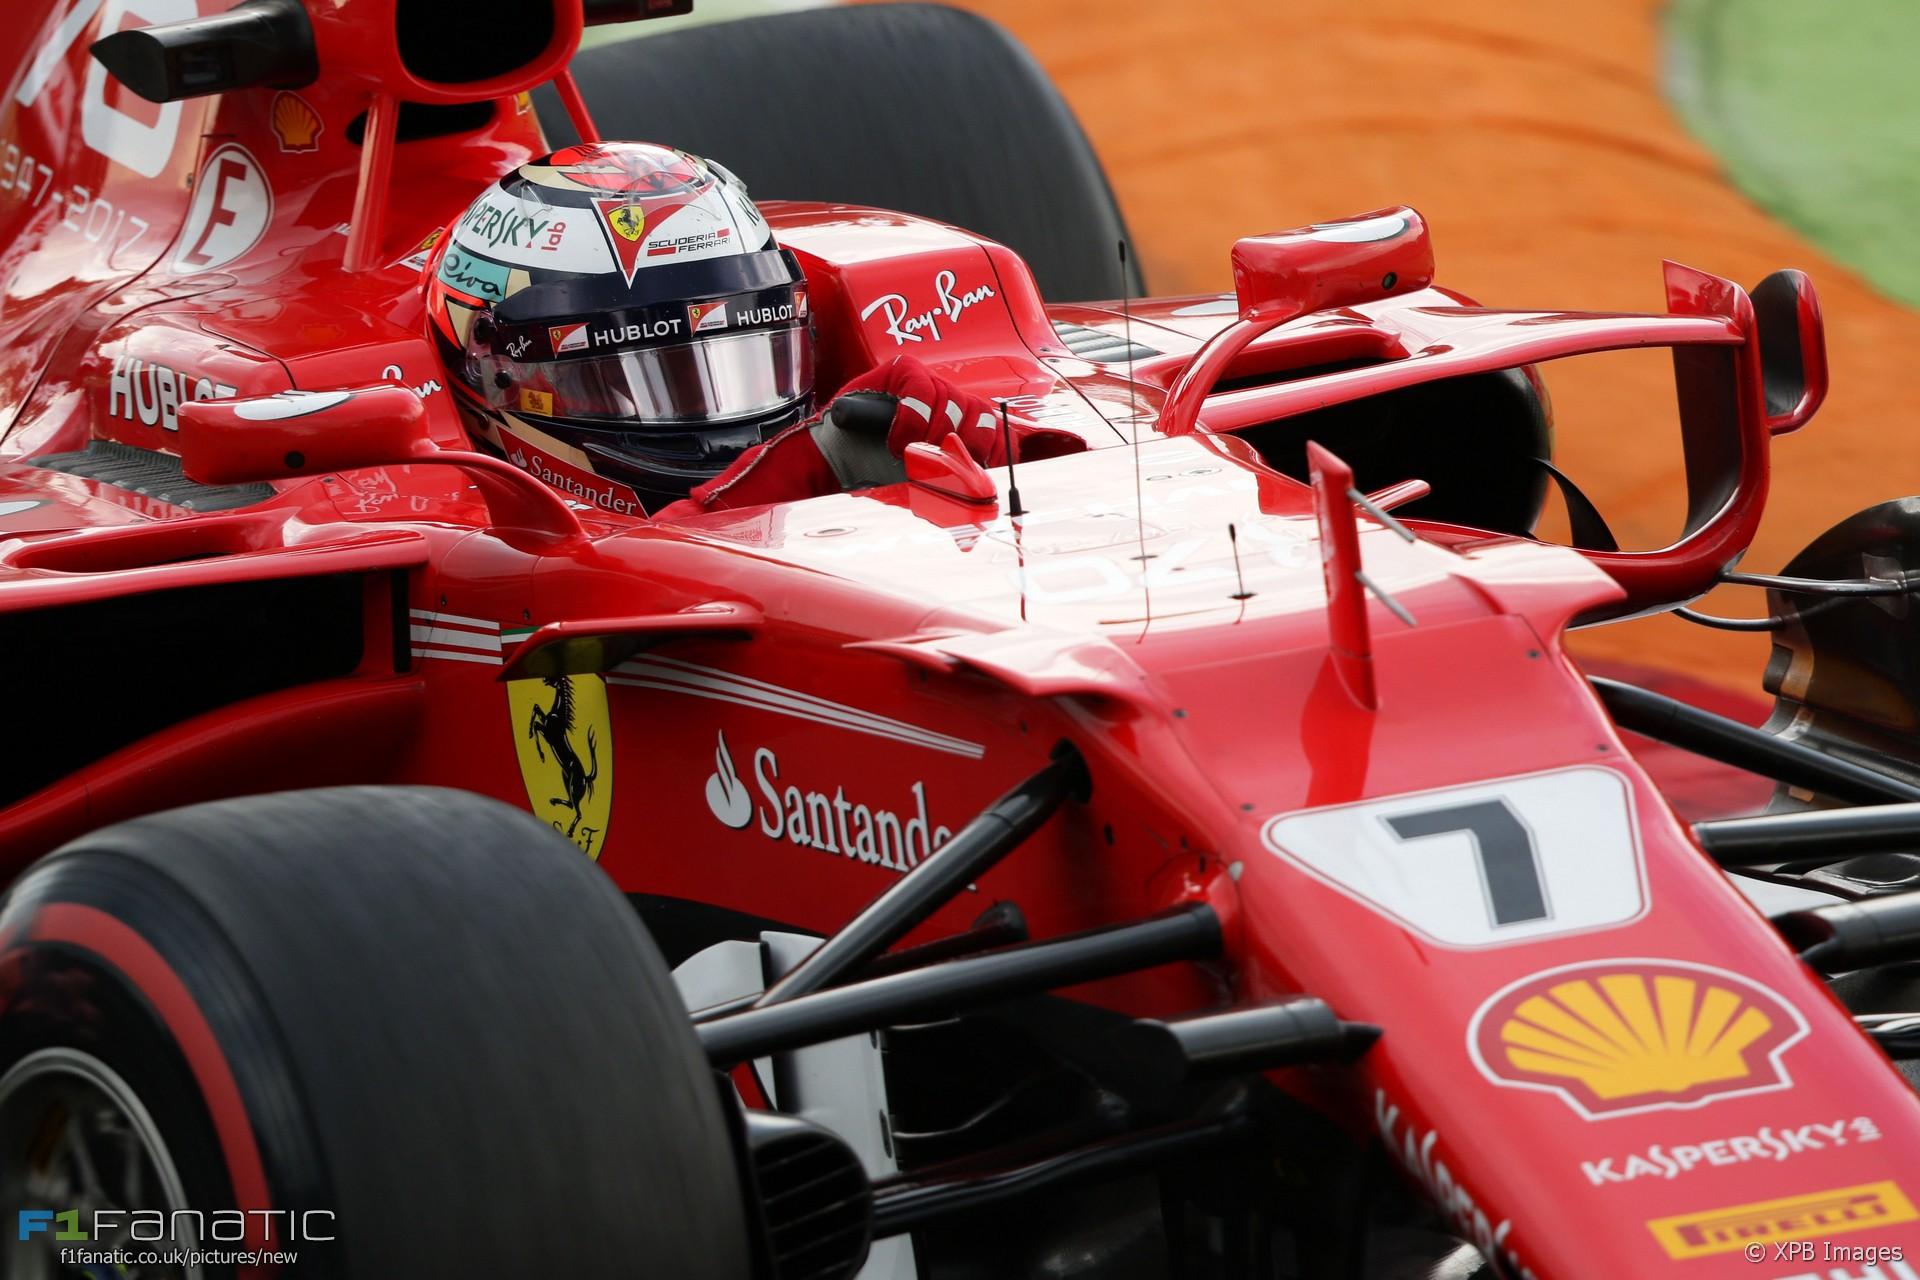 Kimi Raikkonen, Ferrari, Monza, 2017